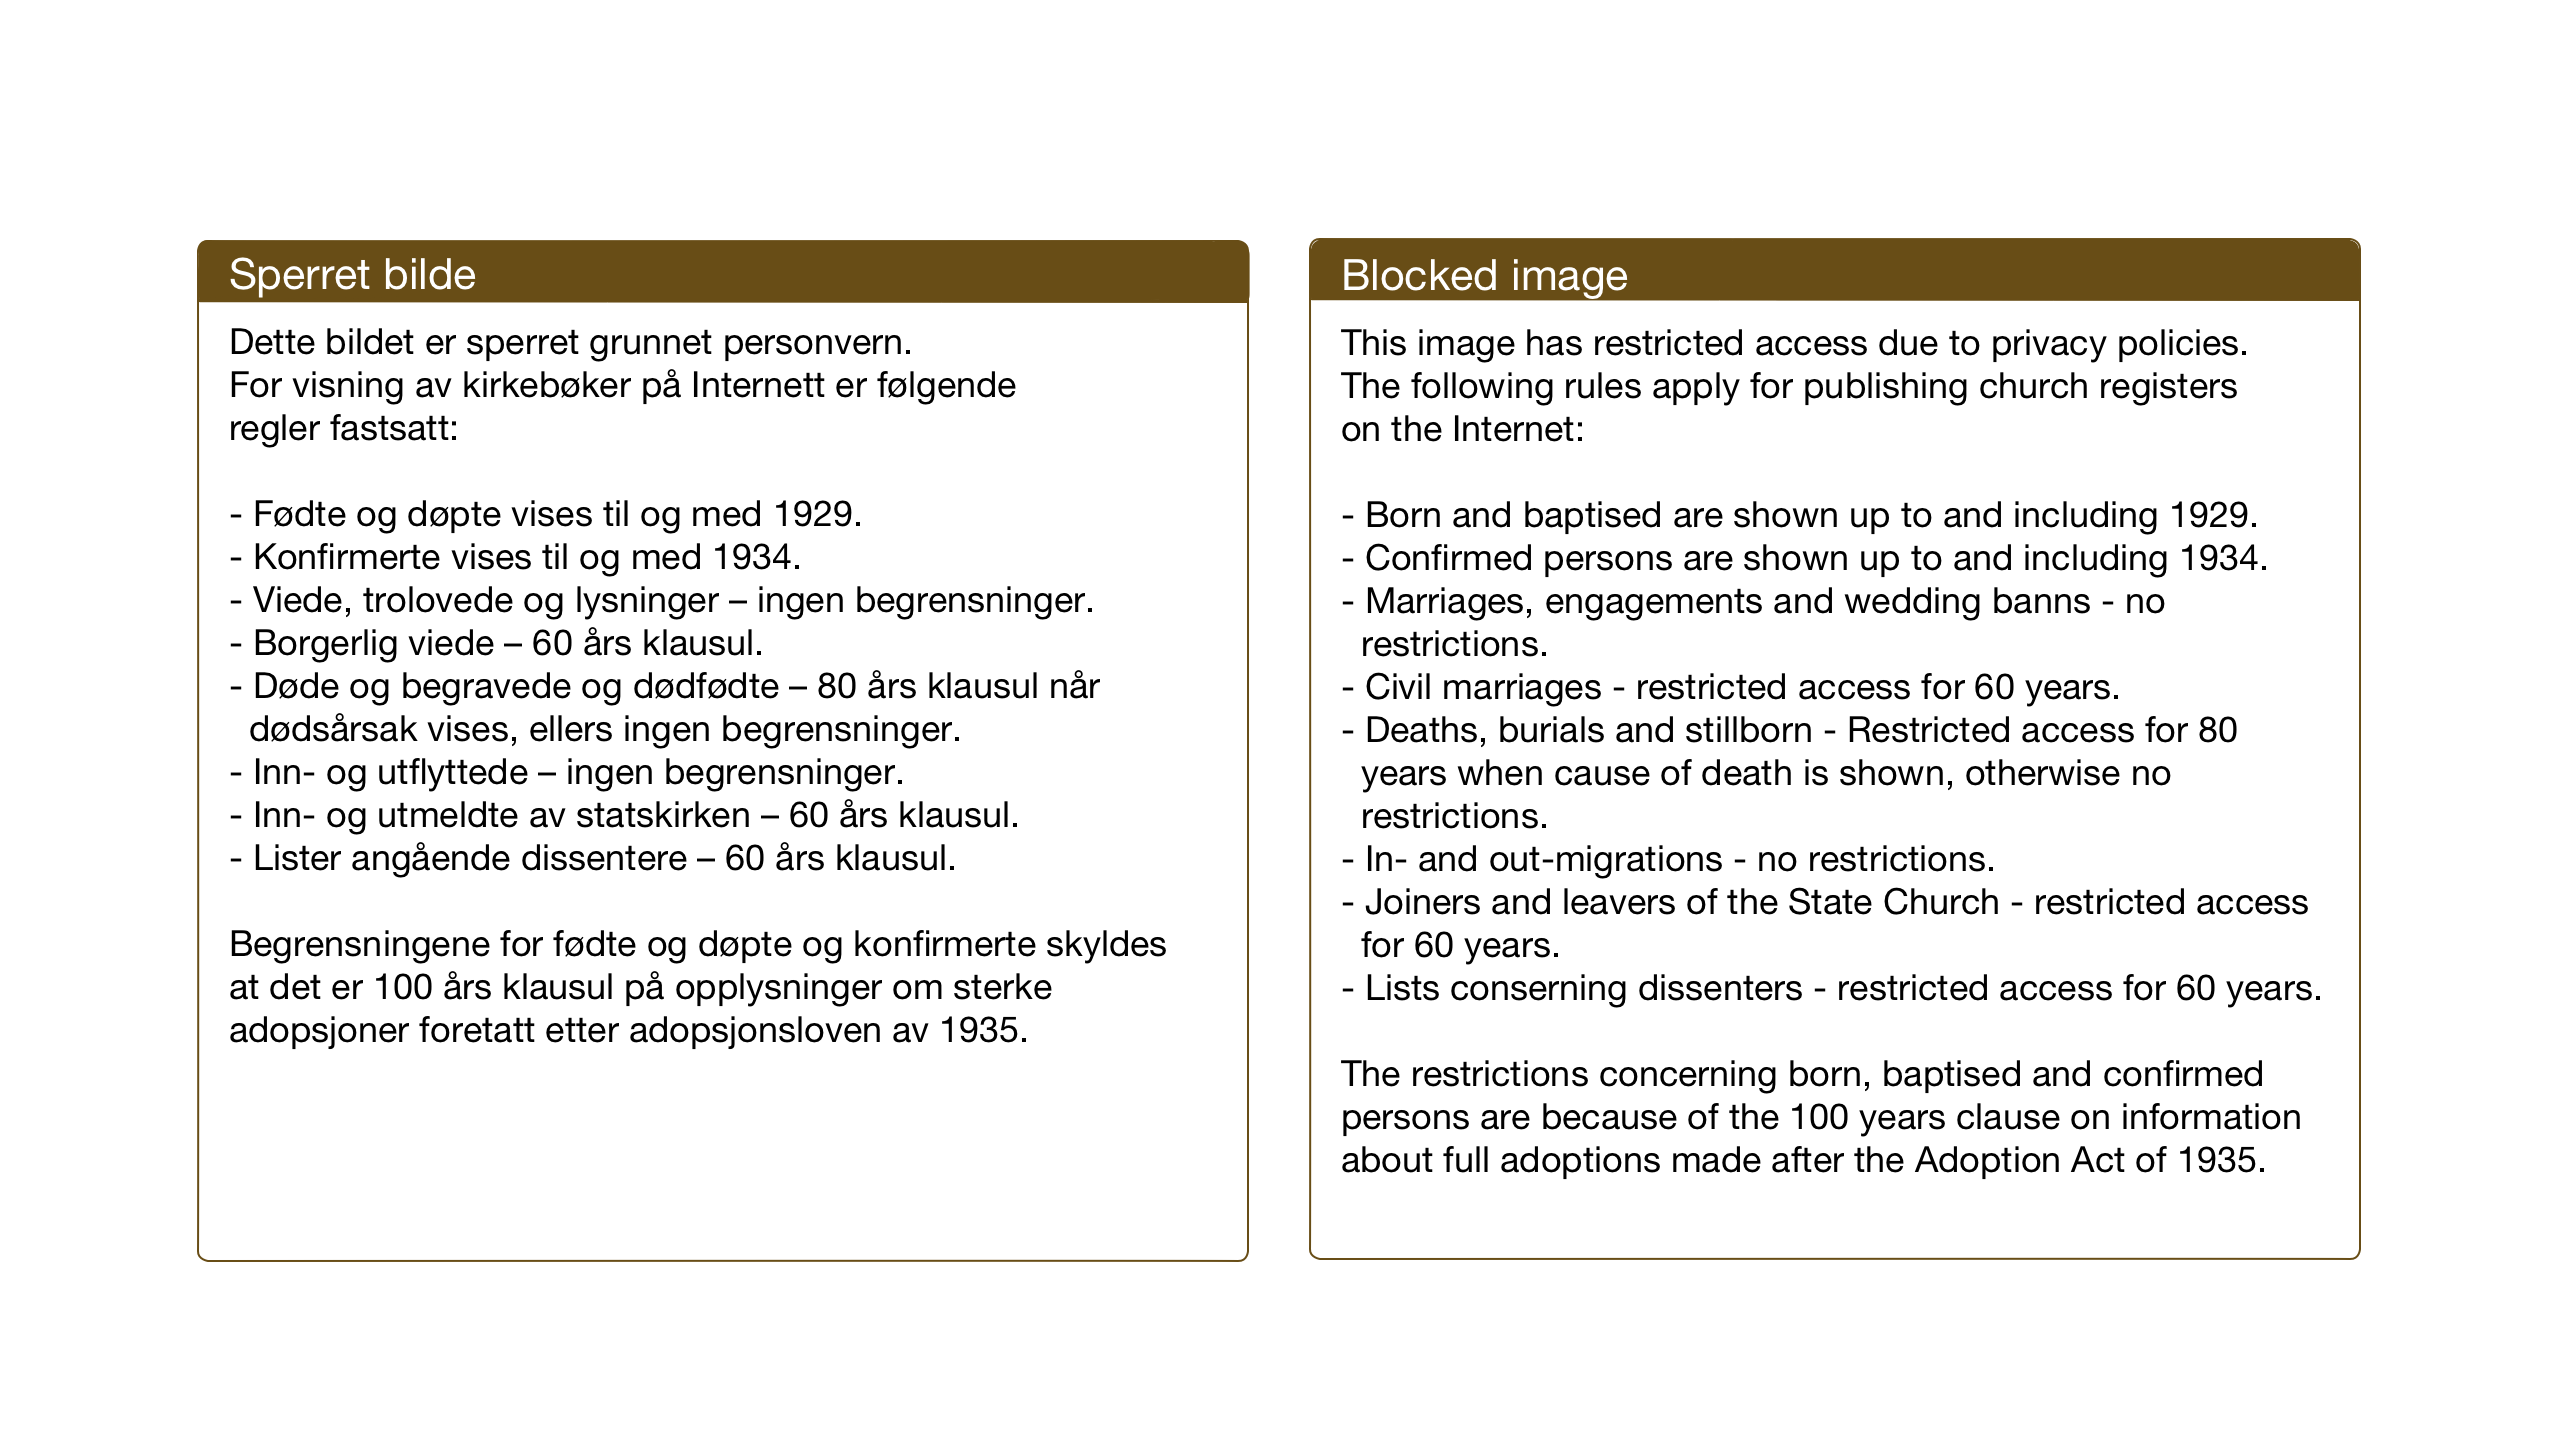 SAT, Ministerialprotokoller, klokkerbøker og fødselsregistre - Sør-Trøndelag, 605/L0264: Klokkerbok nr. 605C11, 1942-1949, s. 4